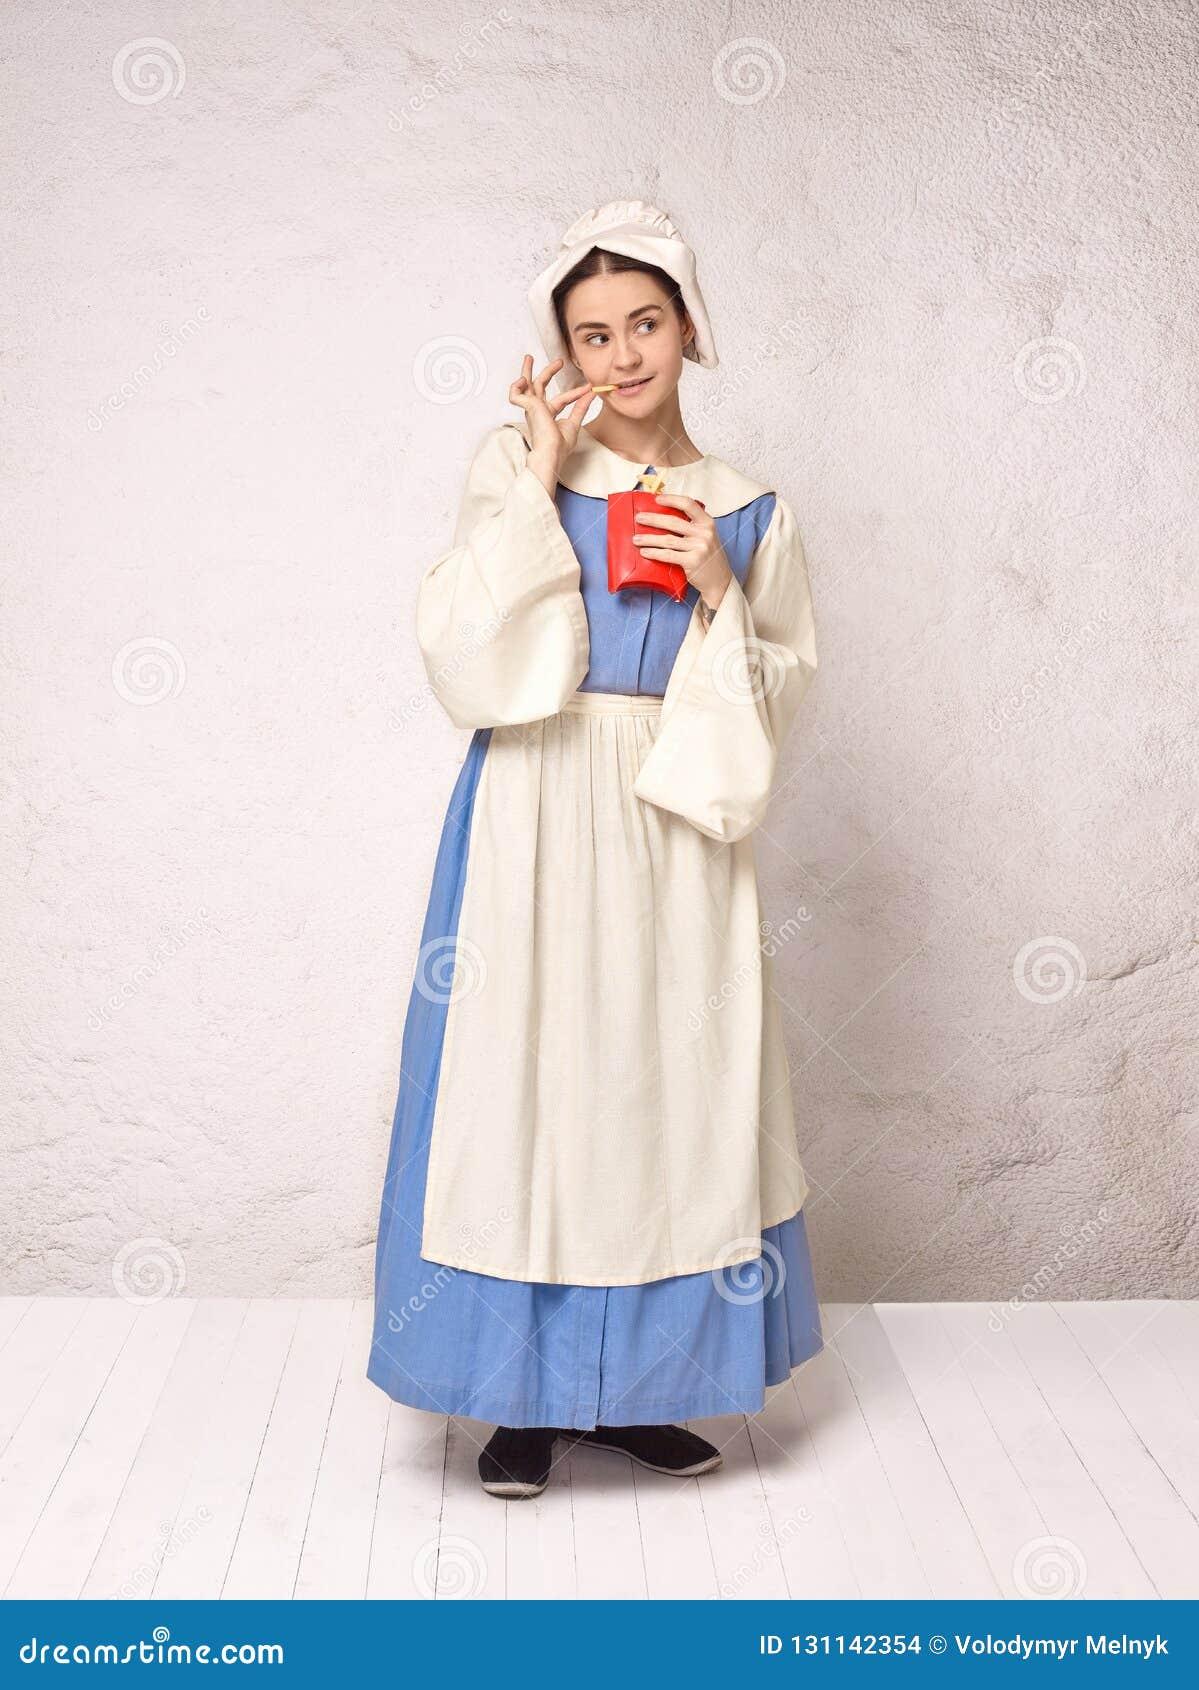 Mittelalterliche Frau in historisches Kostüm-tragendem Korsett-Kleid und Mütze